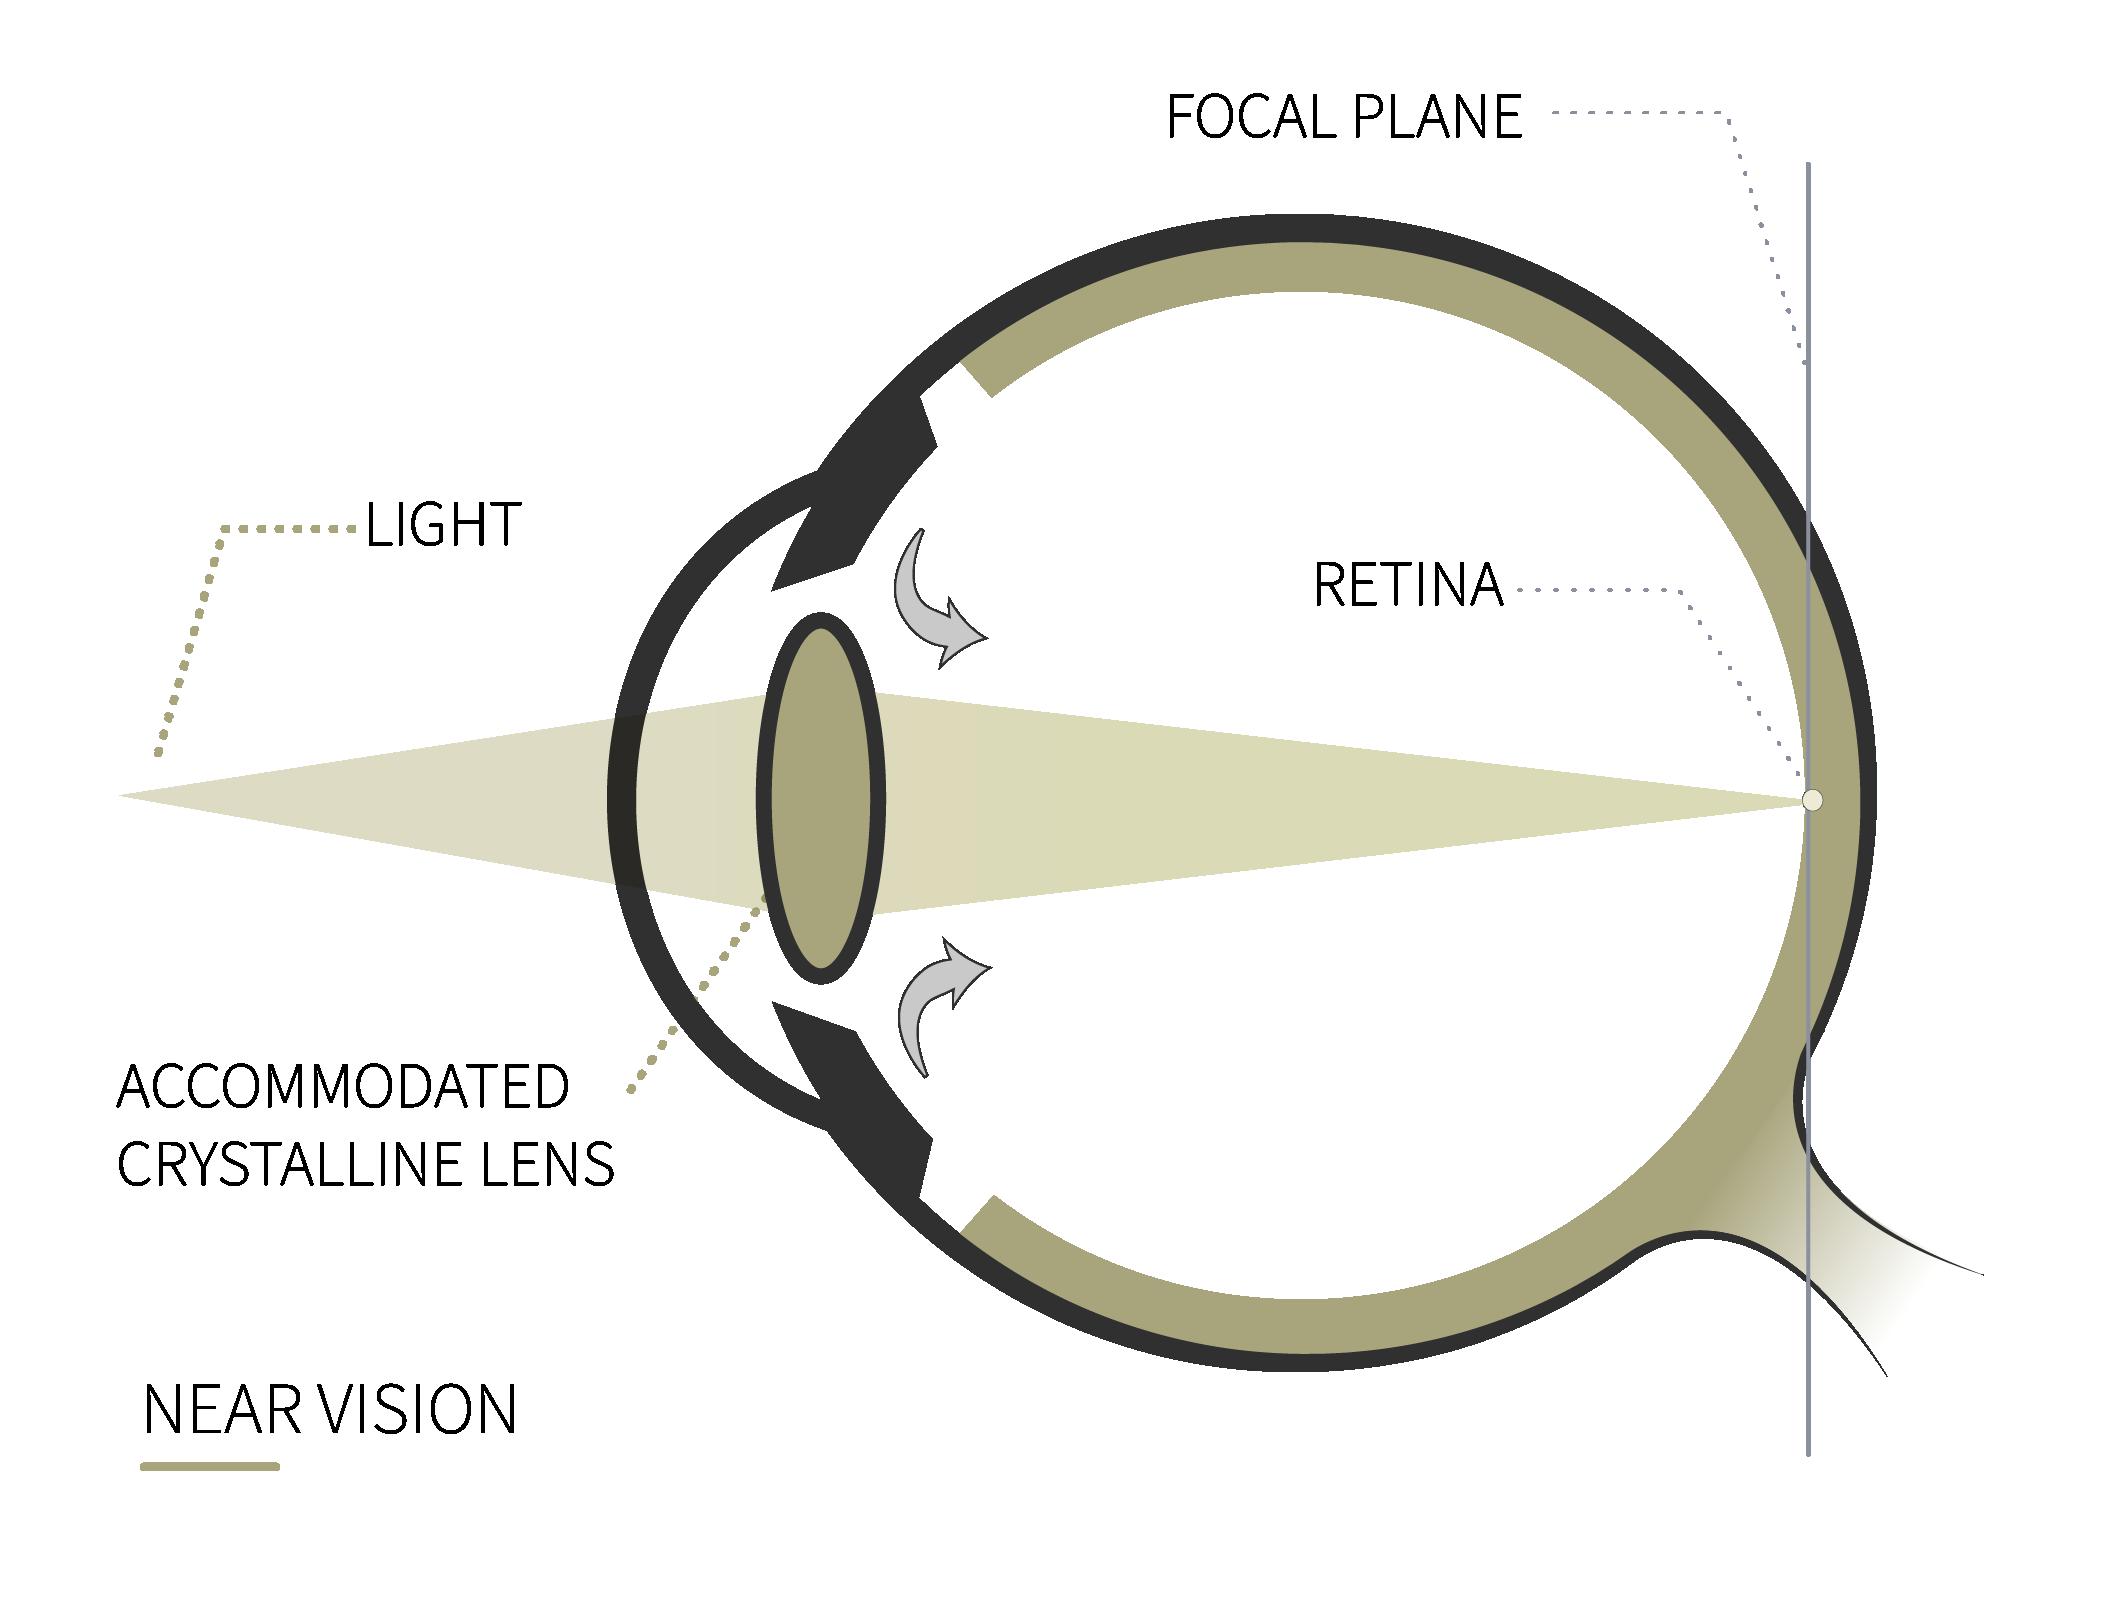 near vision rahhal eye anatomy